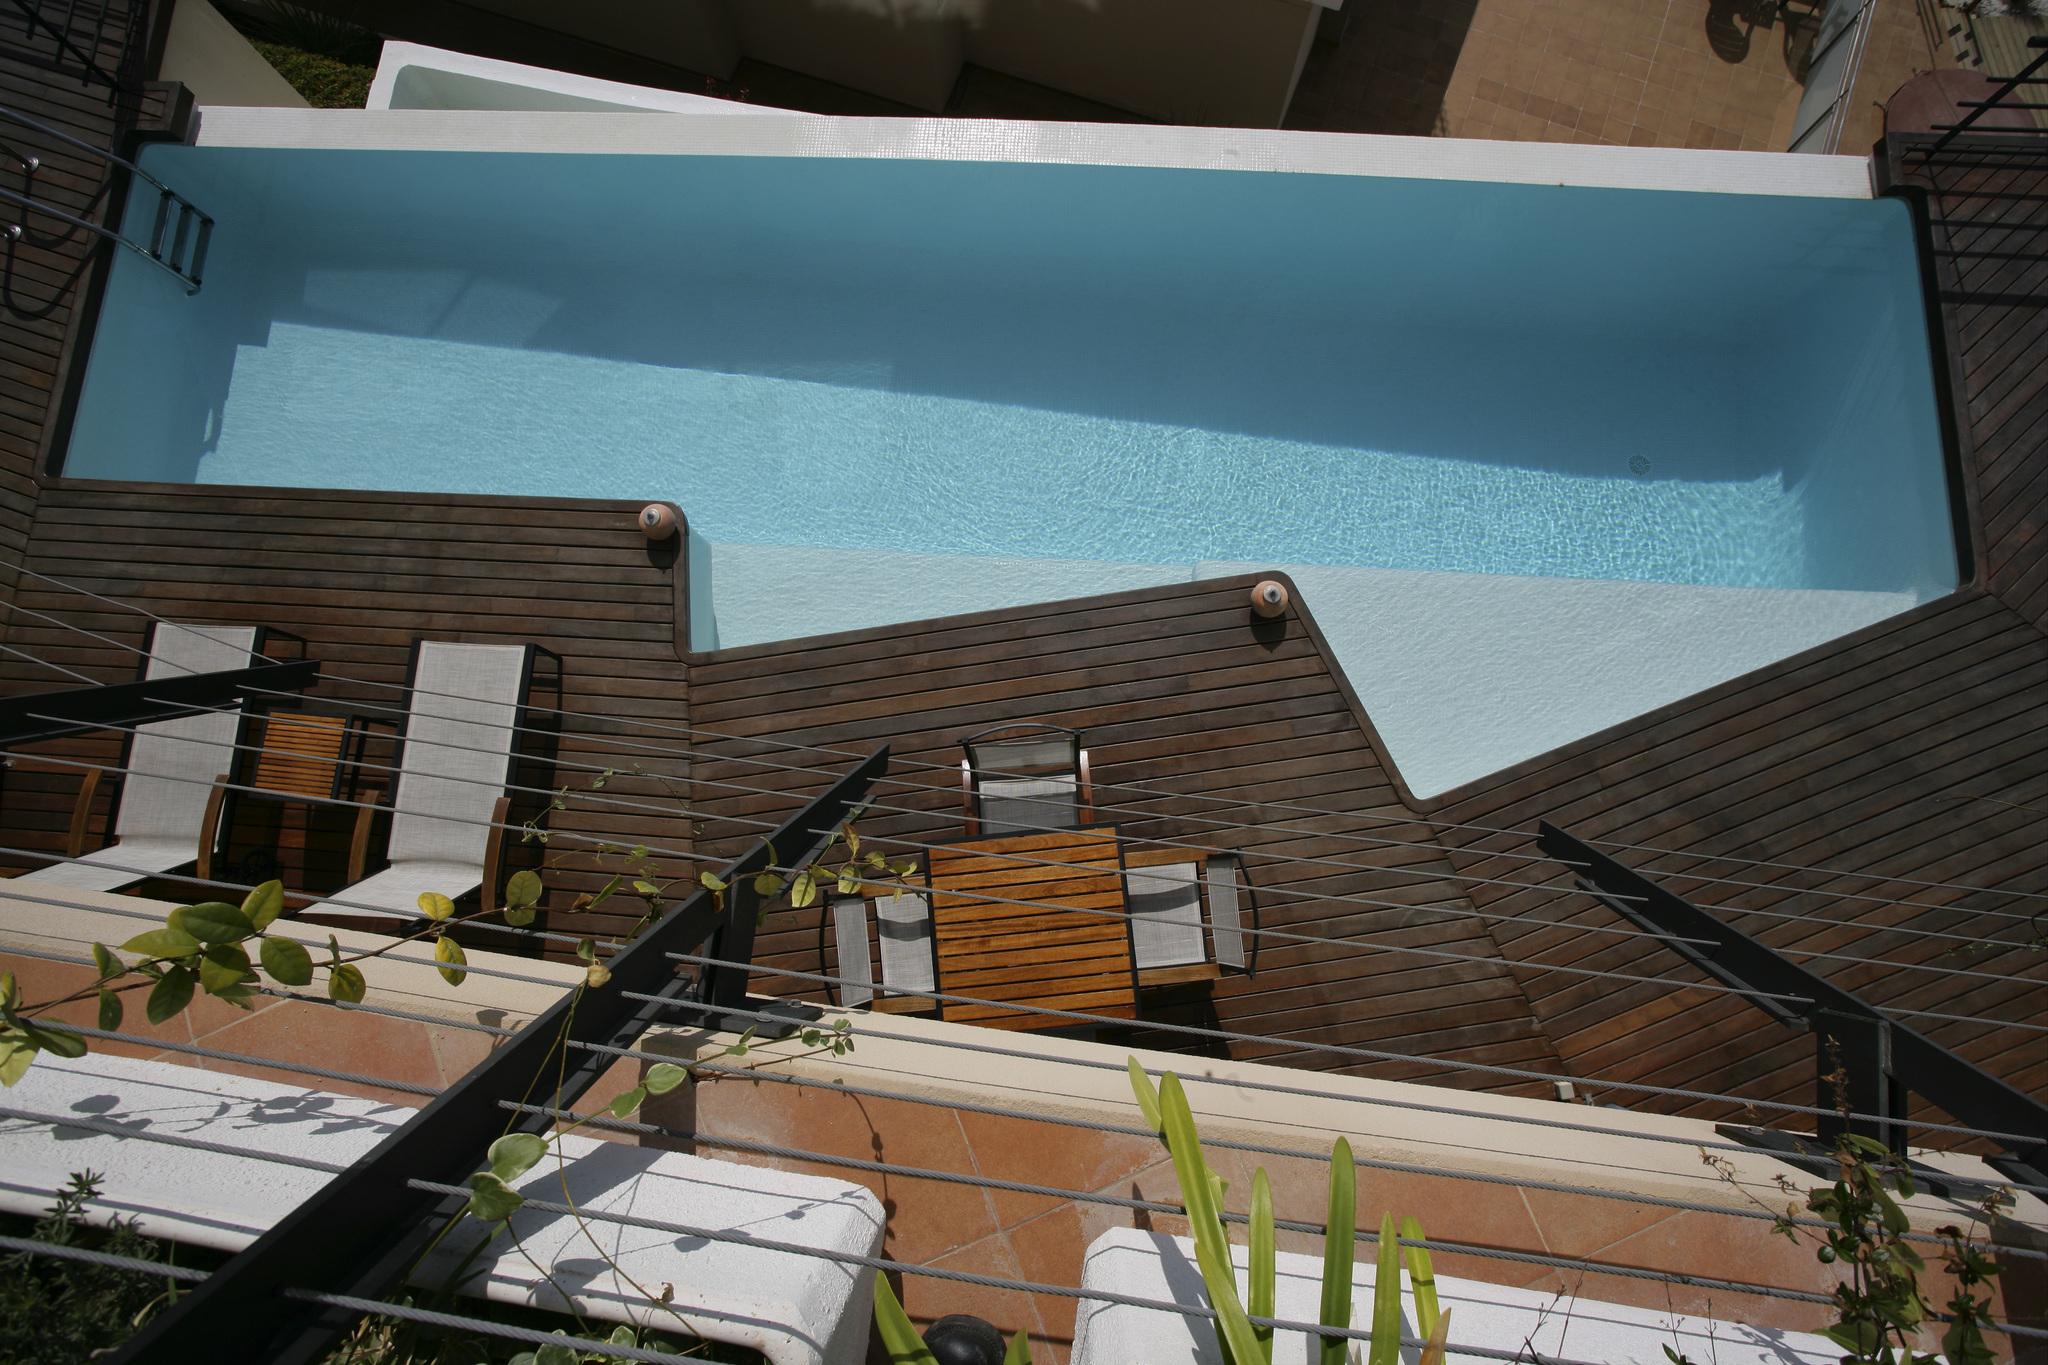 Una de las piscinas de Fluidra, que cuenta con el sistema de...